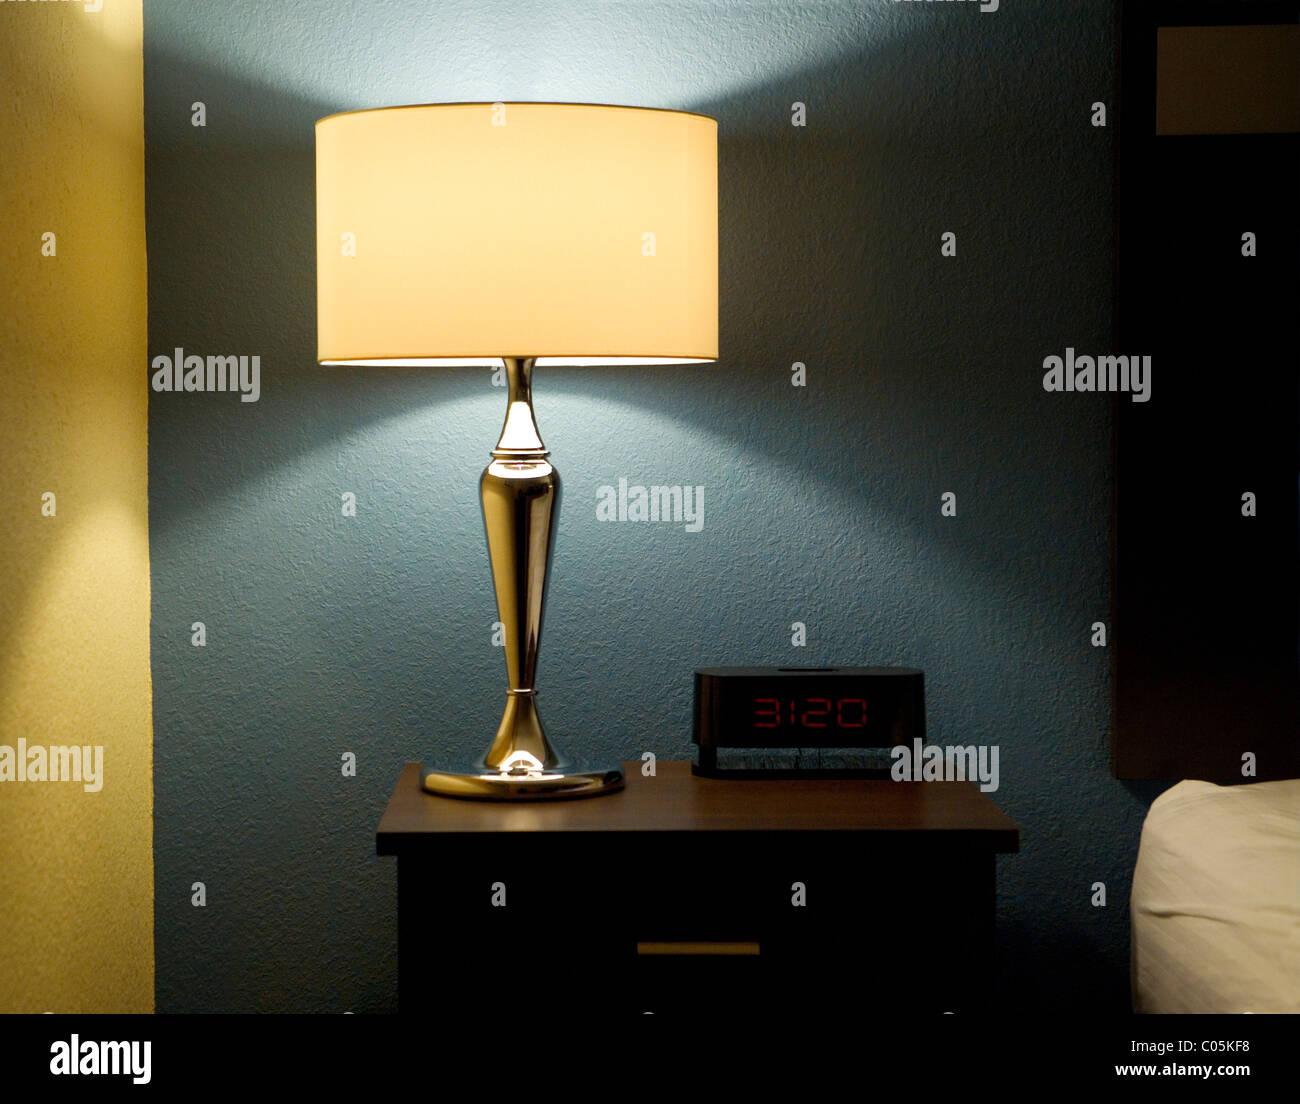 Lampada, orologio digitale e fine tabella accanto a un letto. Immagini Stock